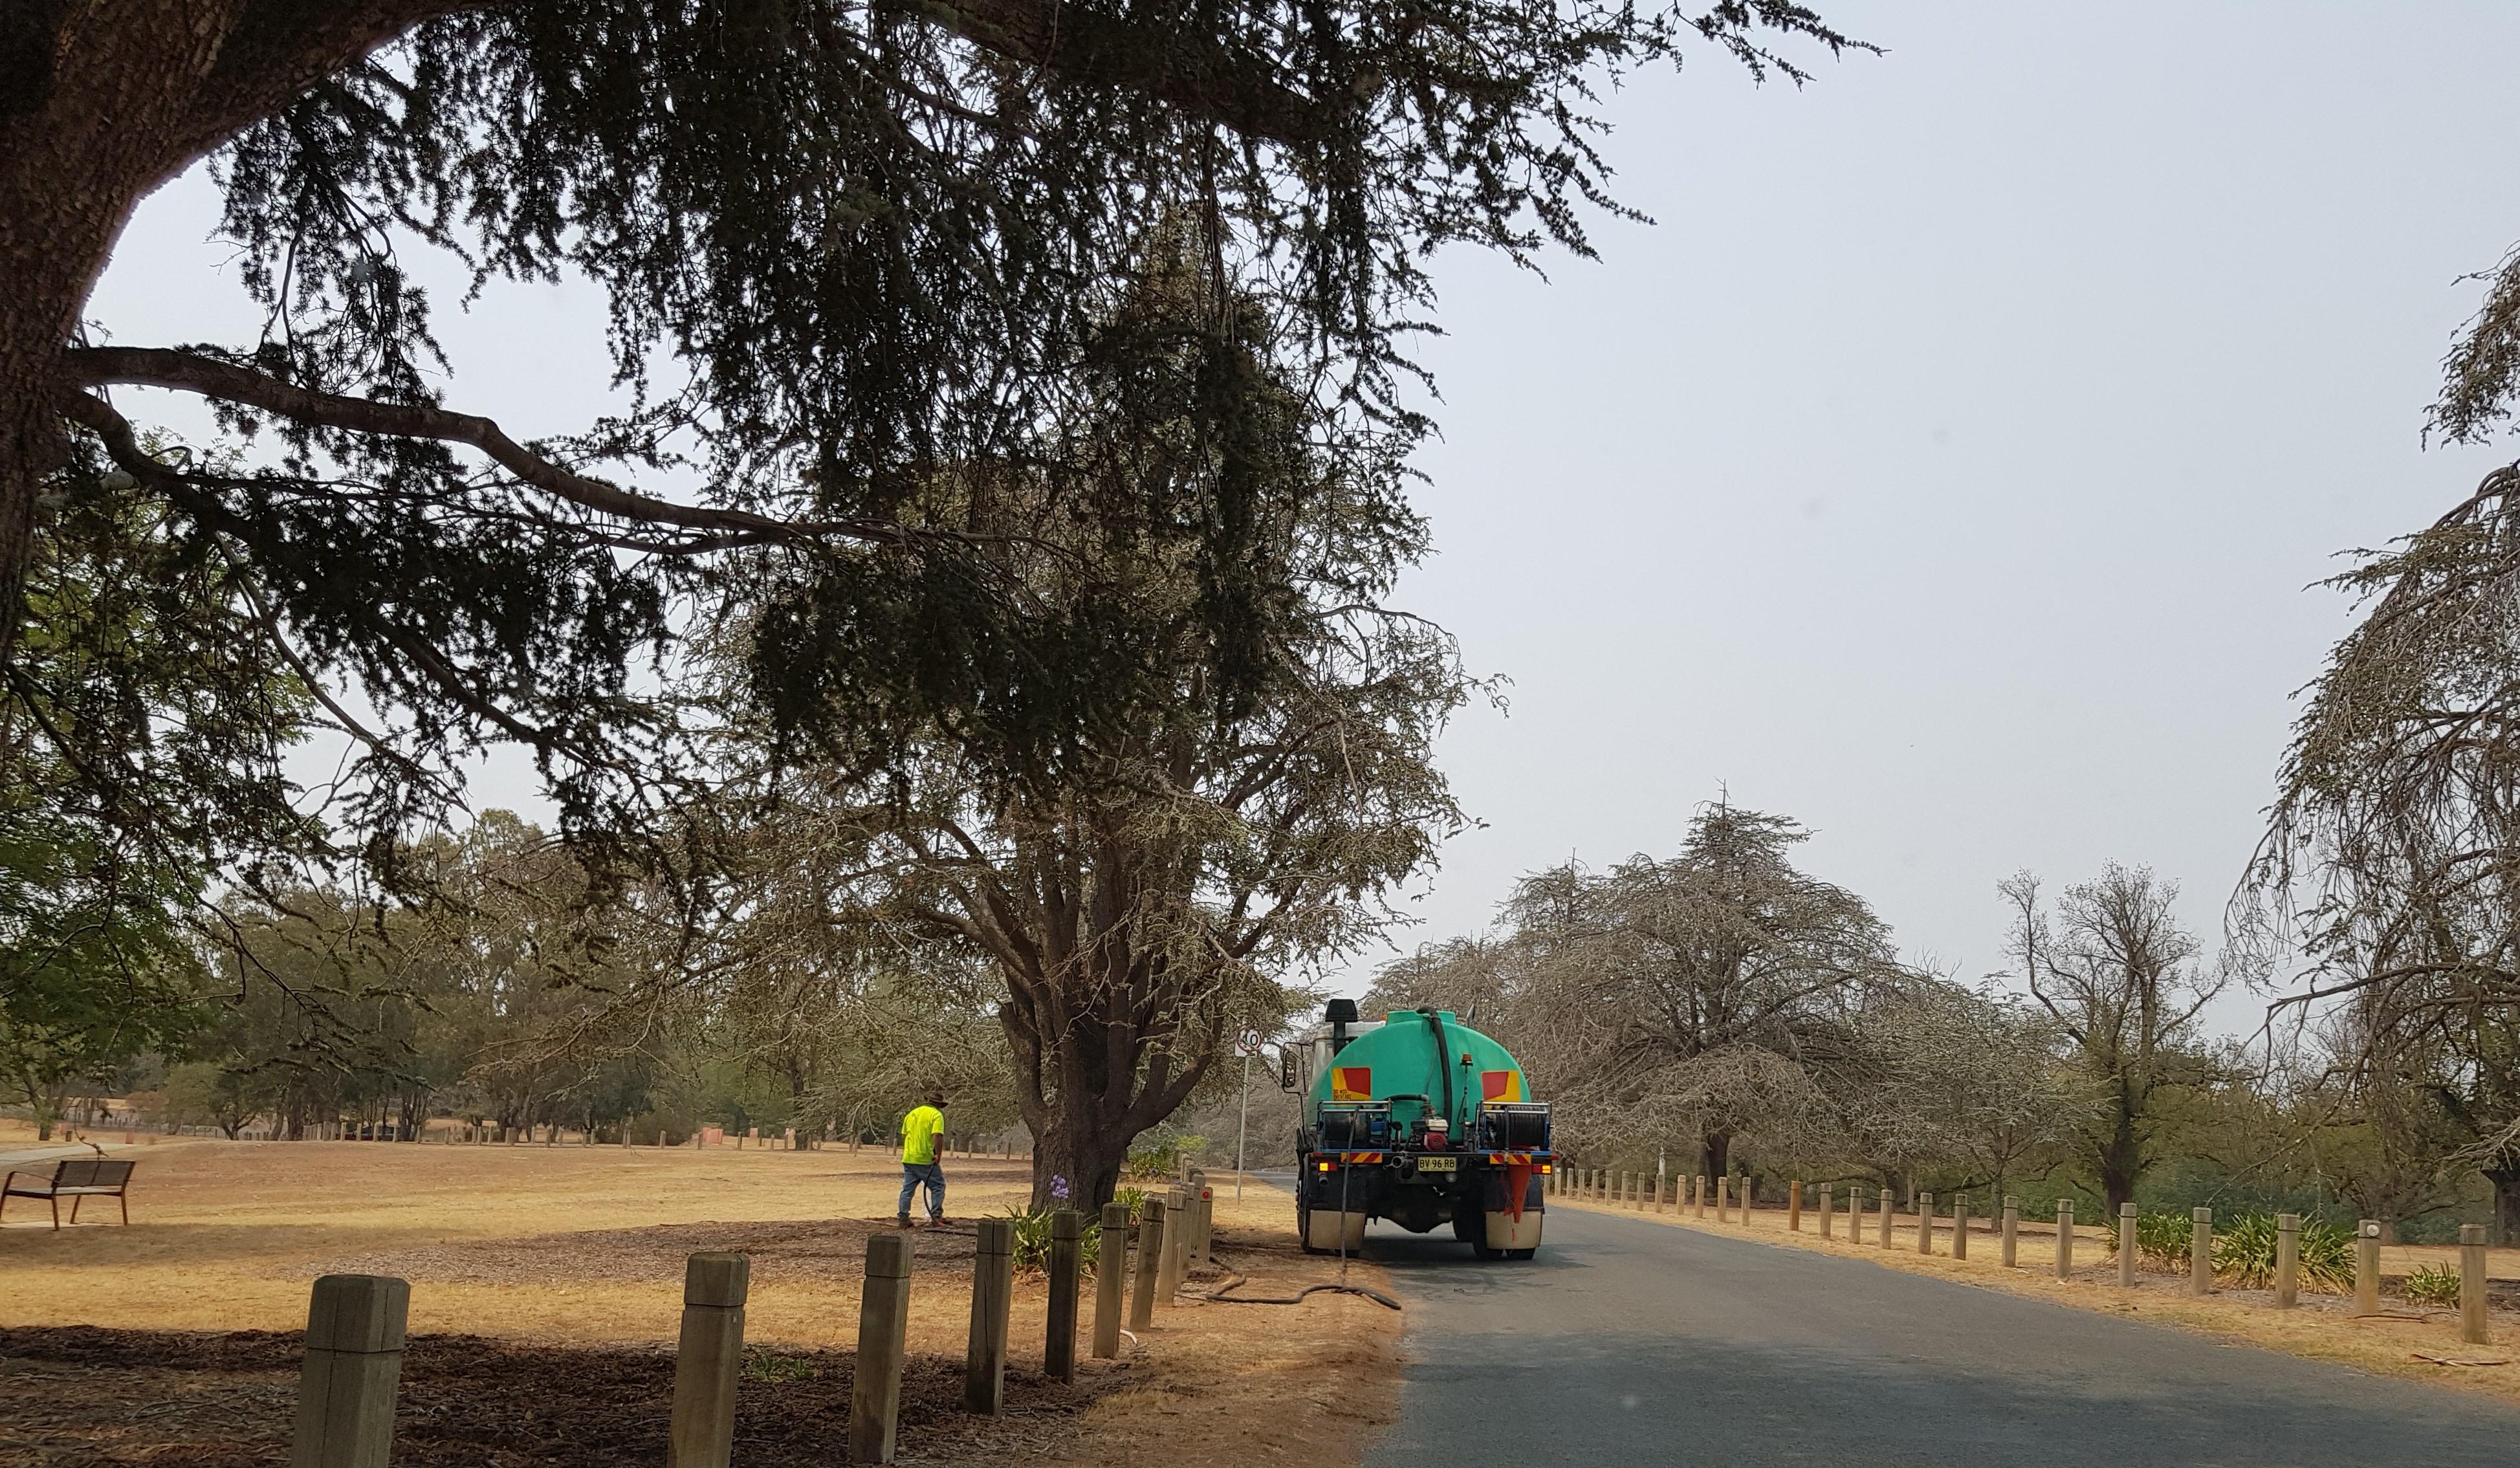 watering park trees